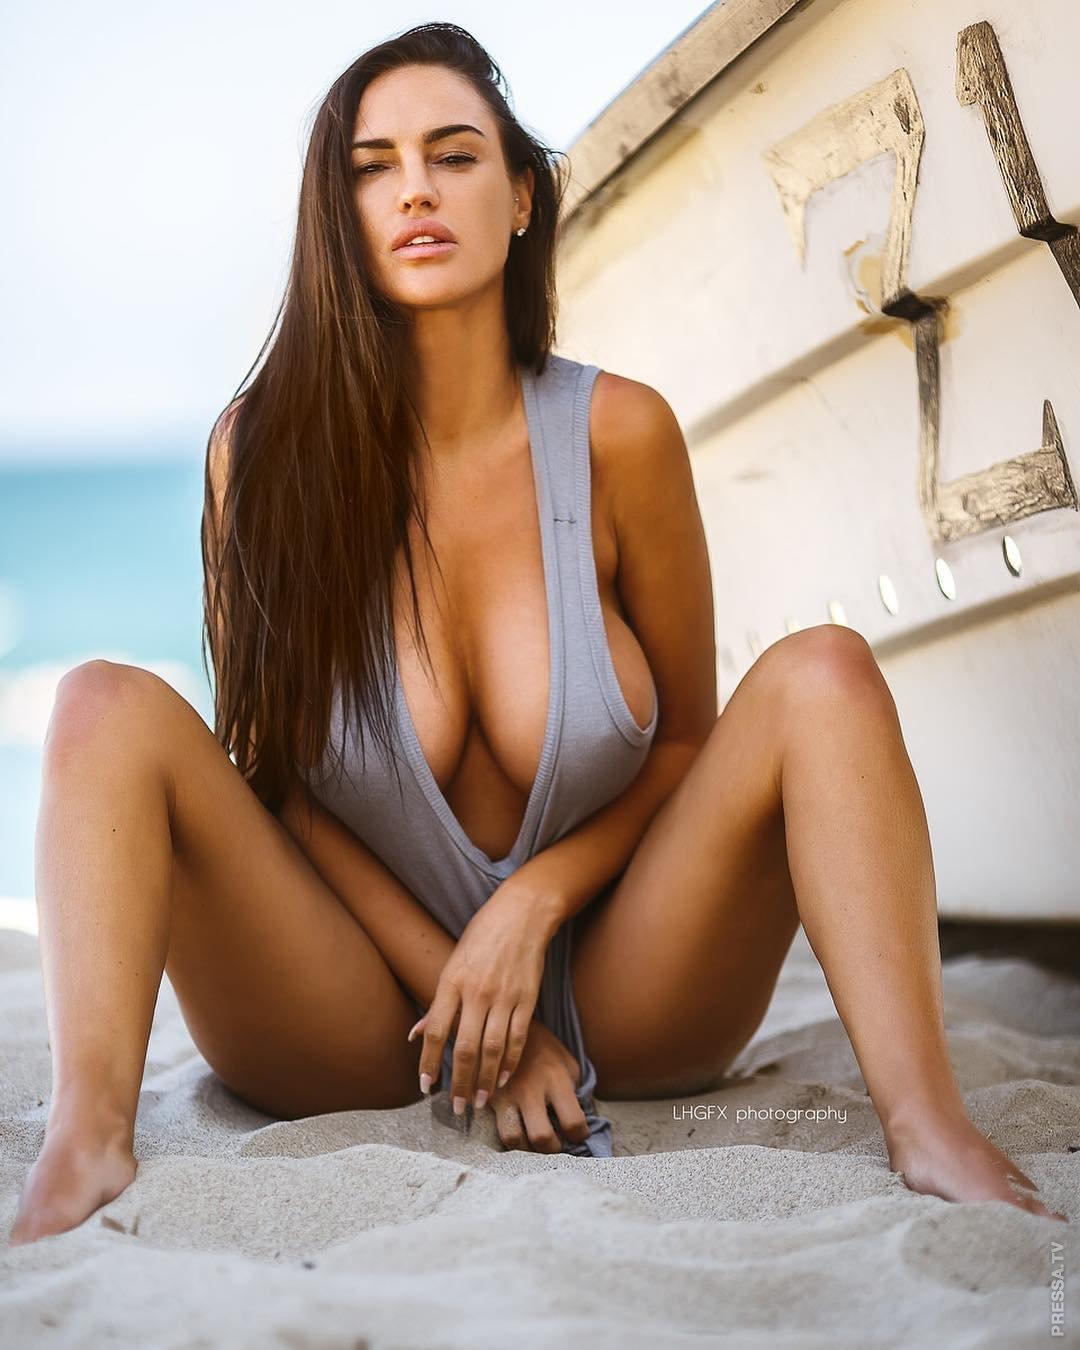 Девушки дня голые, порно онлайн зрелую в двоека